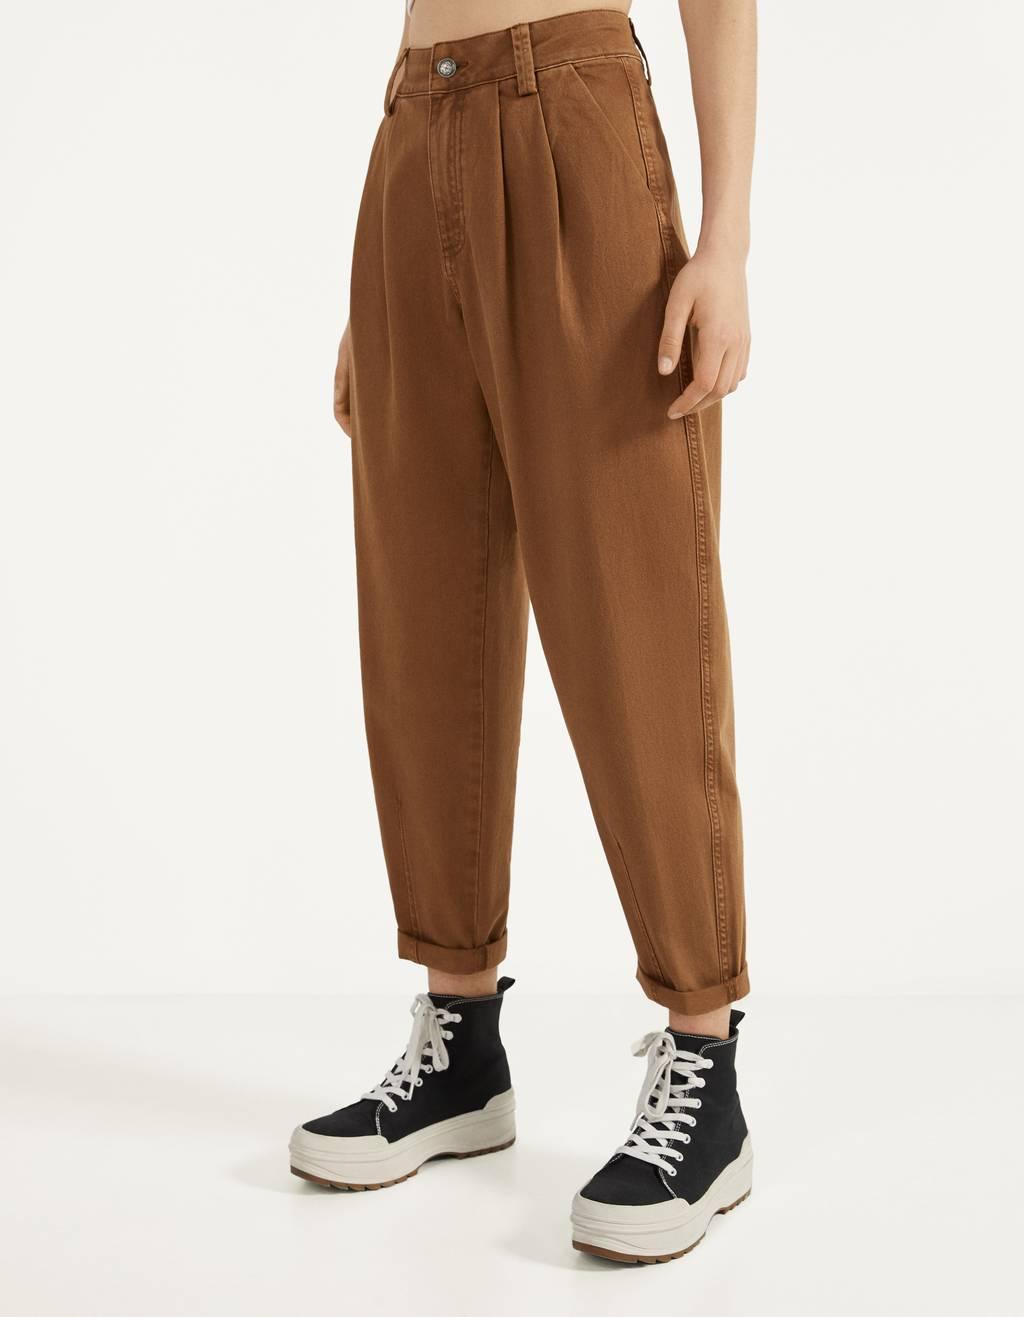 Pantalón Slouchy